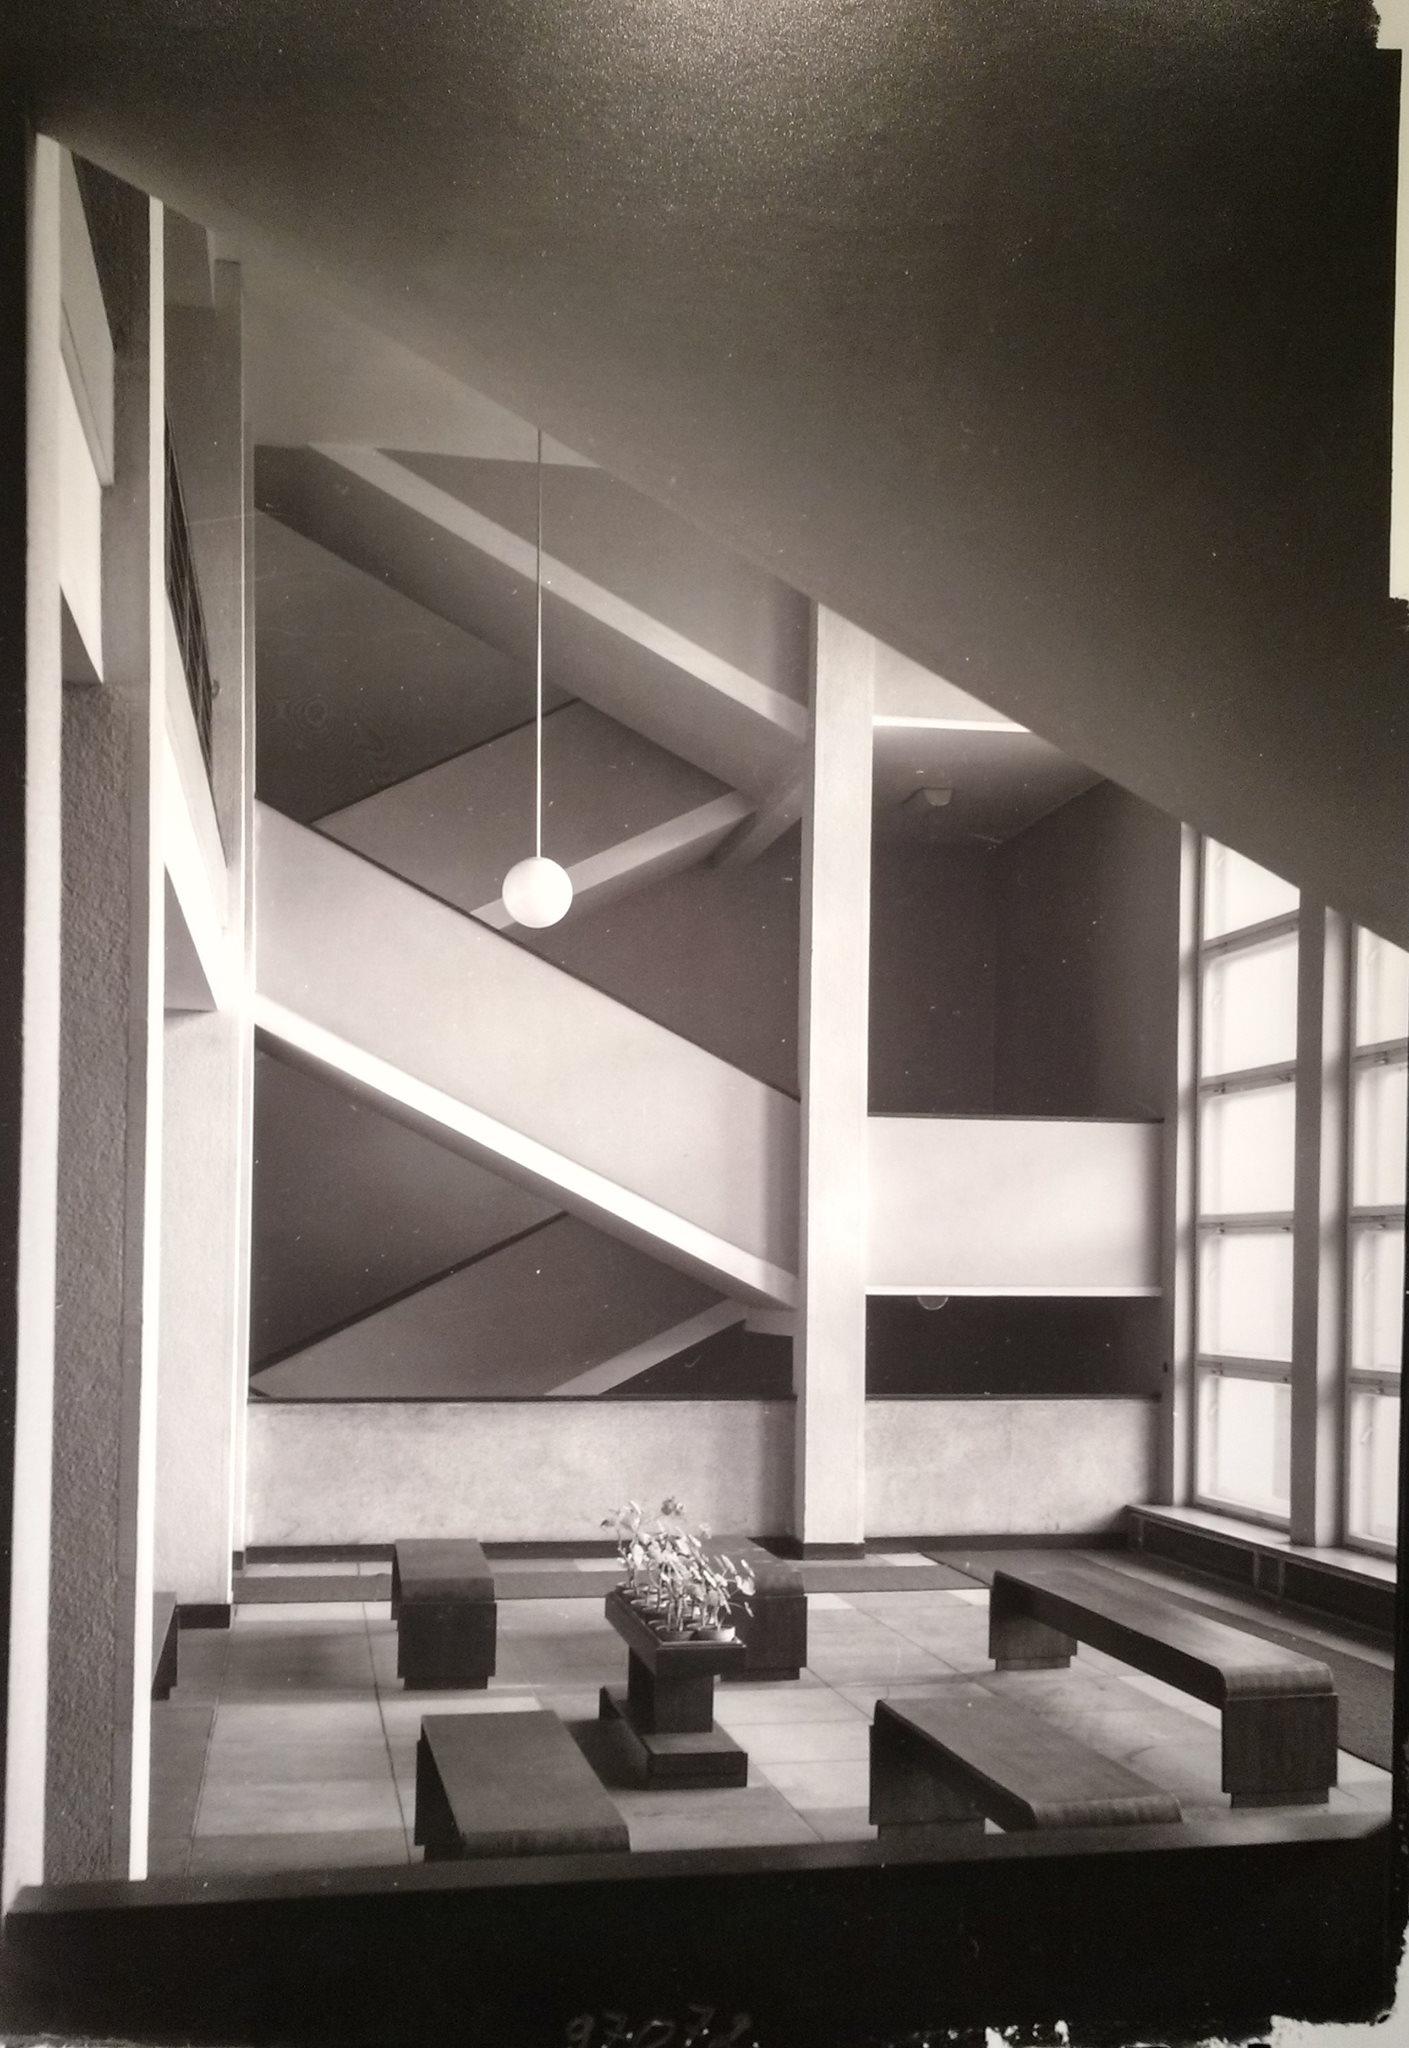 Wnętrze holu - zdjęcie archiwalne z 1936 r., fot. Czesław Olszewski